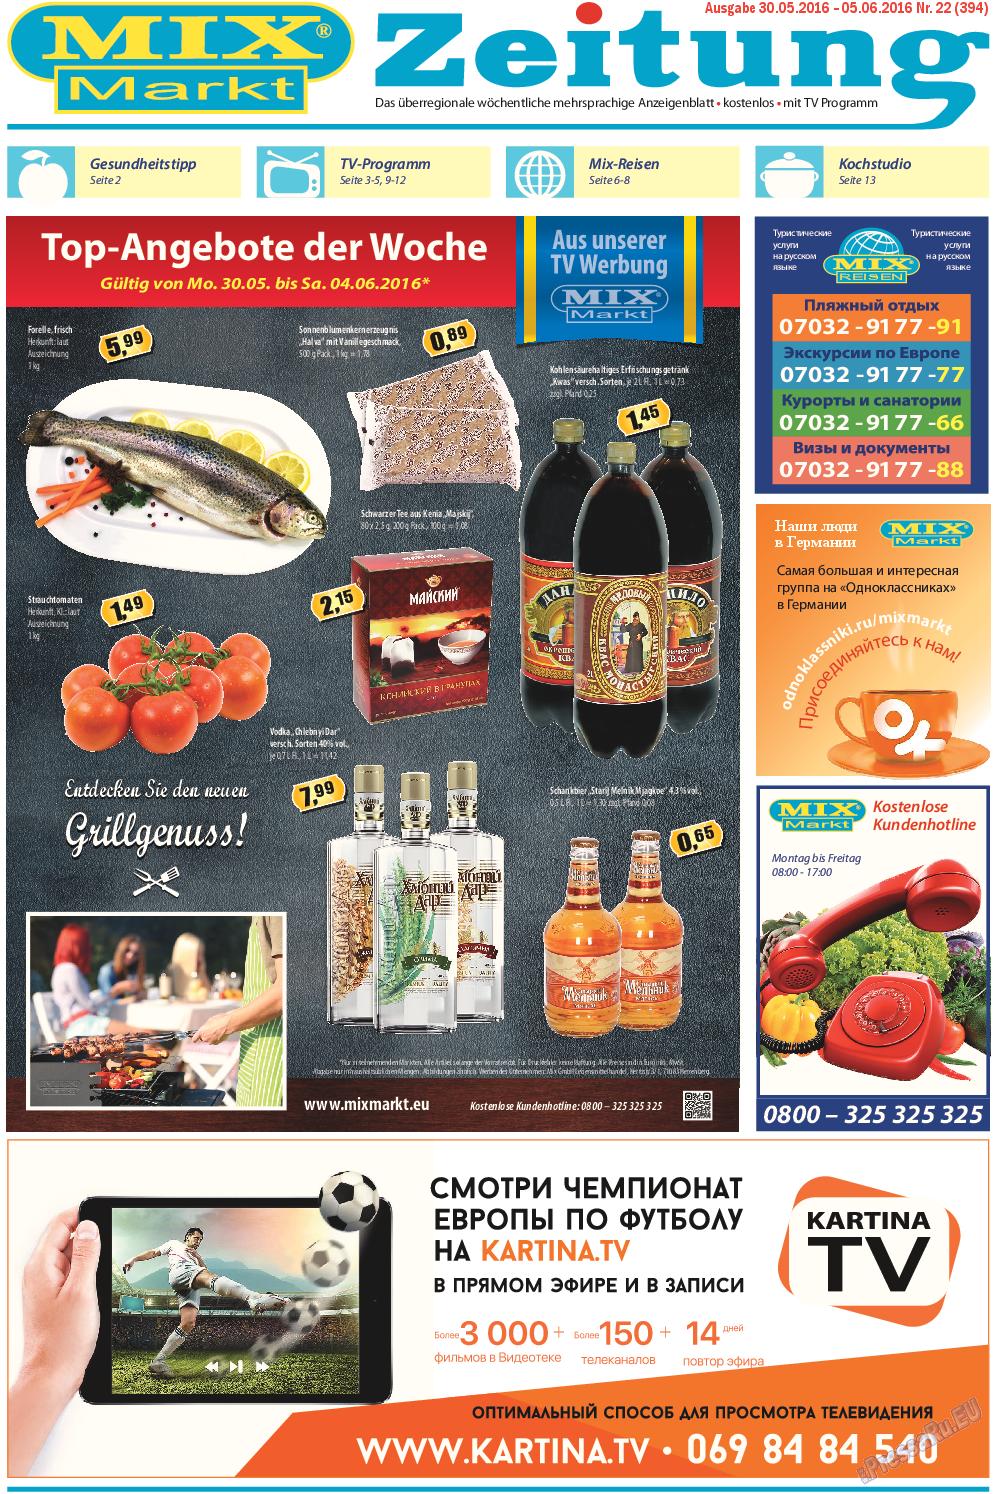 MIX-Markt Zeitung (газета). 2016 год, номер 22, стр. 1